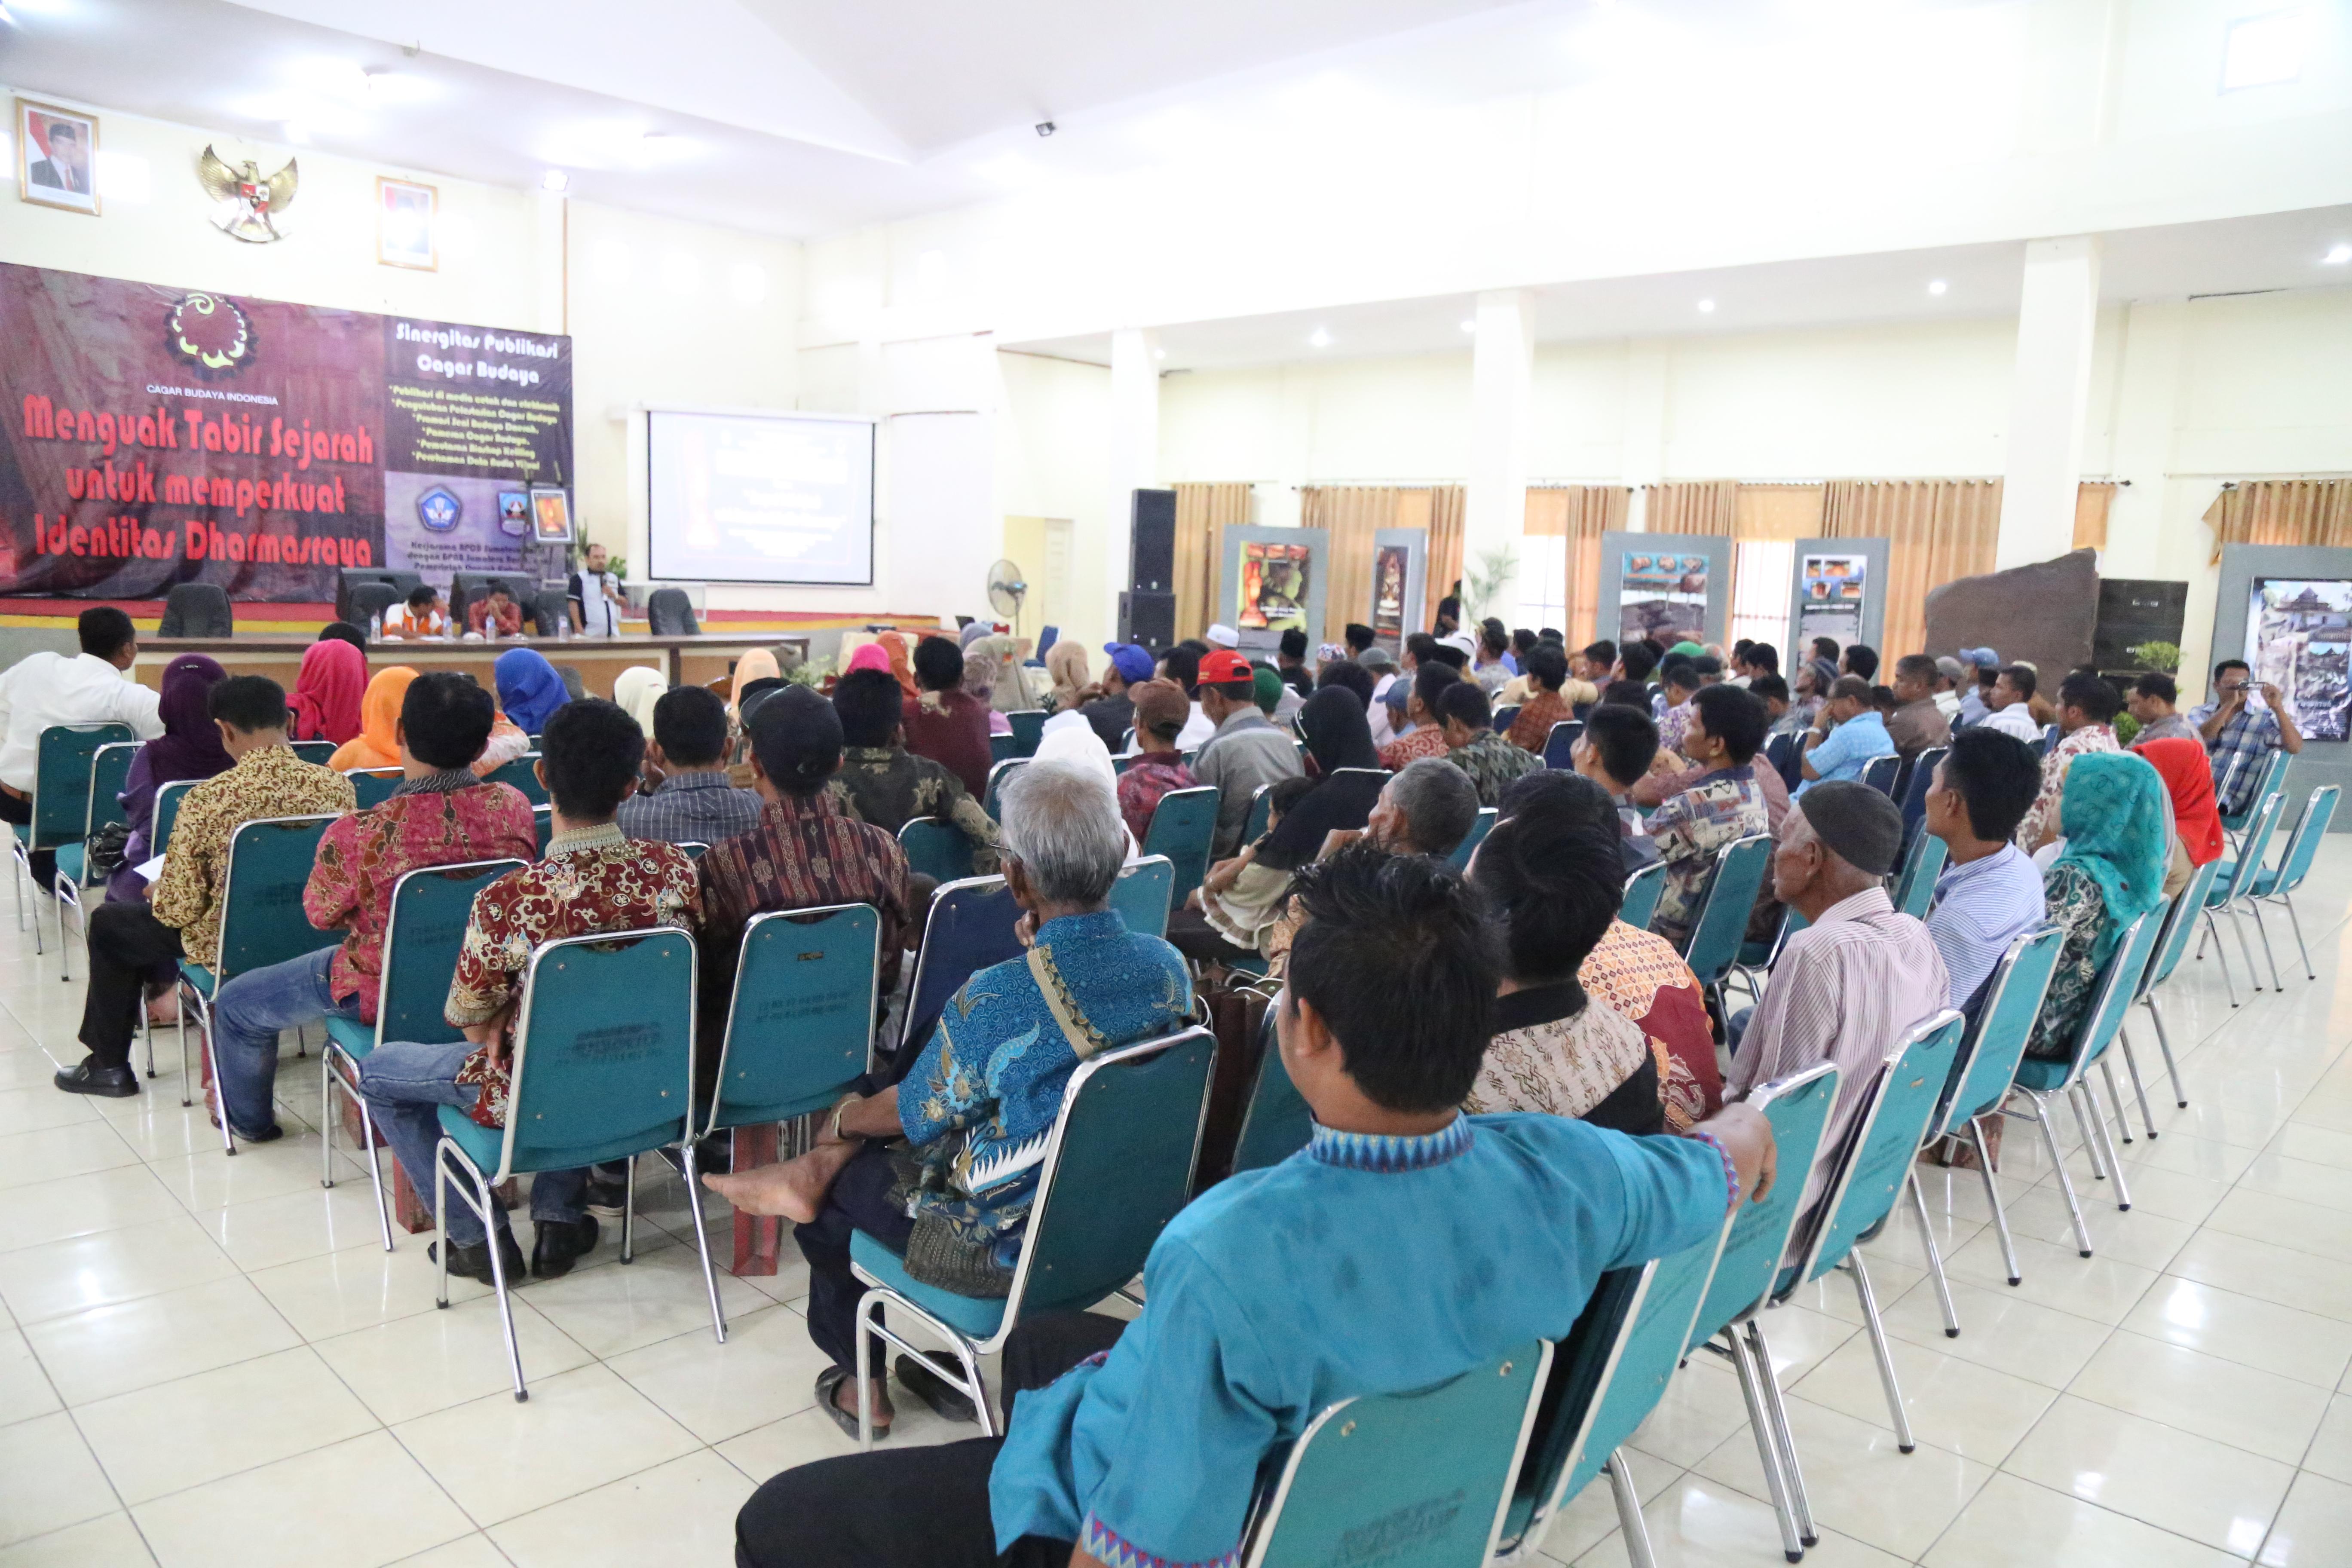 Read more about the article Juru Pelihara Cagar Budaya Hadiri Penyuluhan di Kab. Dharmasraya